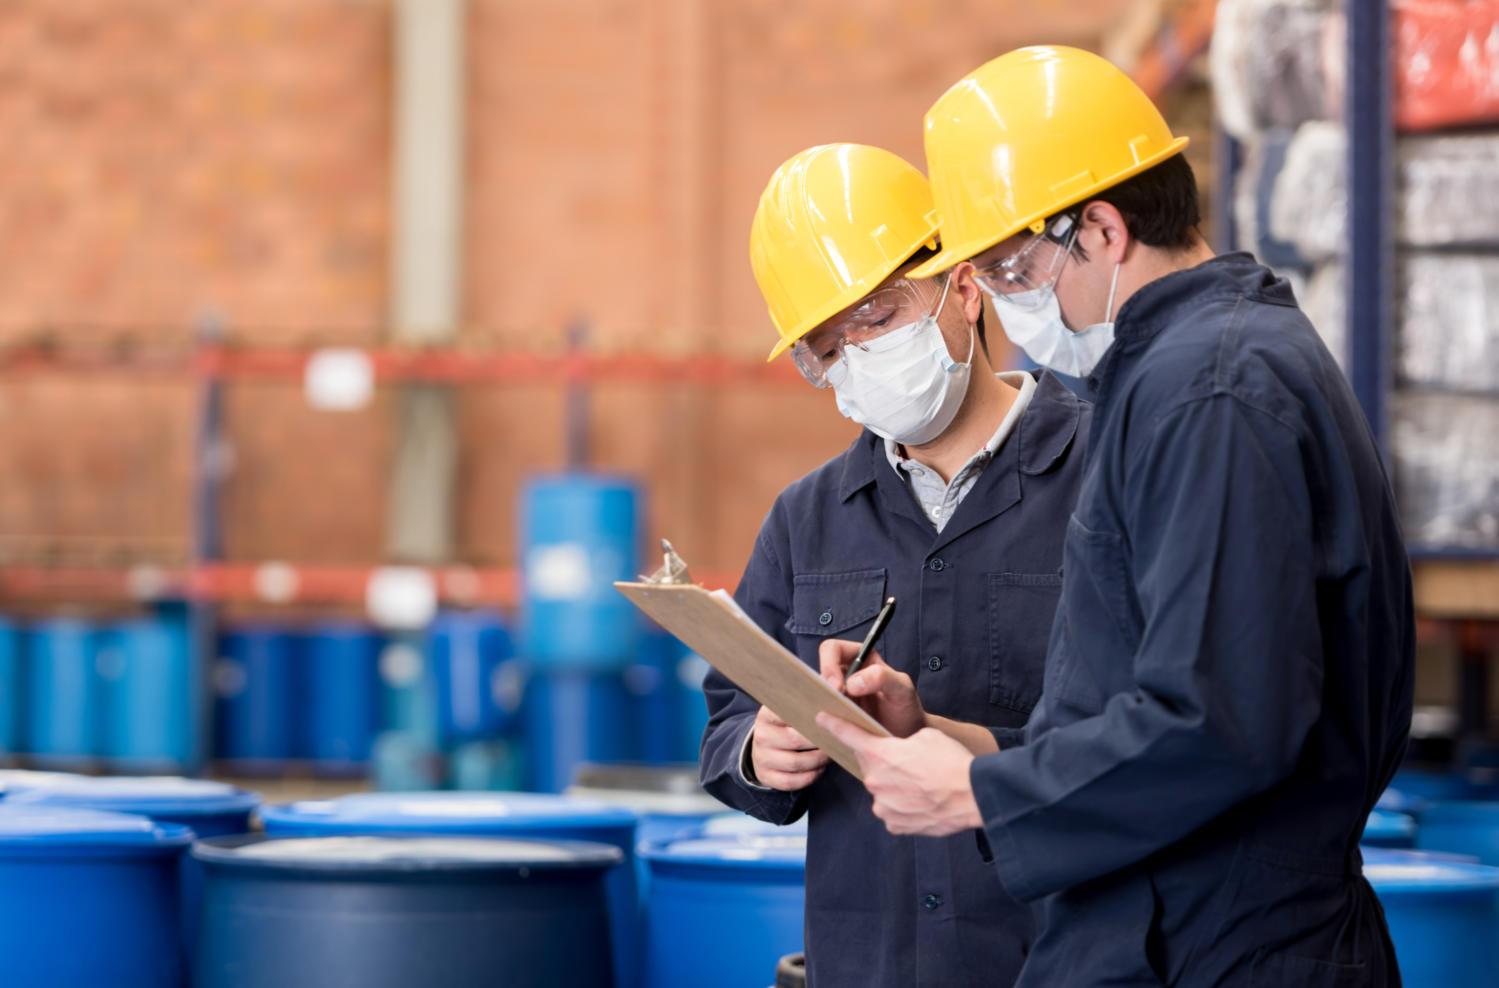 İşyeri Ortam Ölçümlerinde Kriterler İşverenin ve Laboratuvarın Sorumlulukları